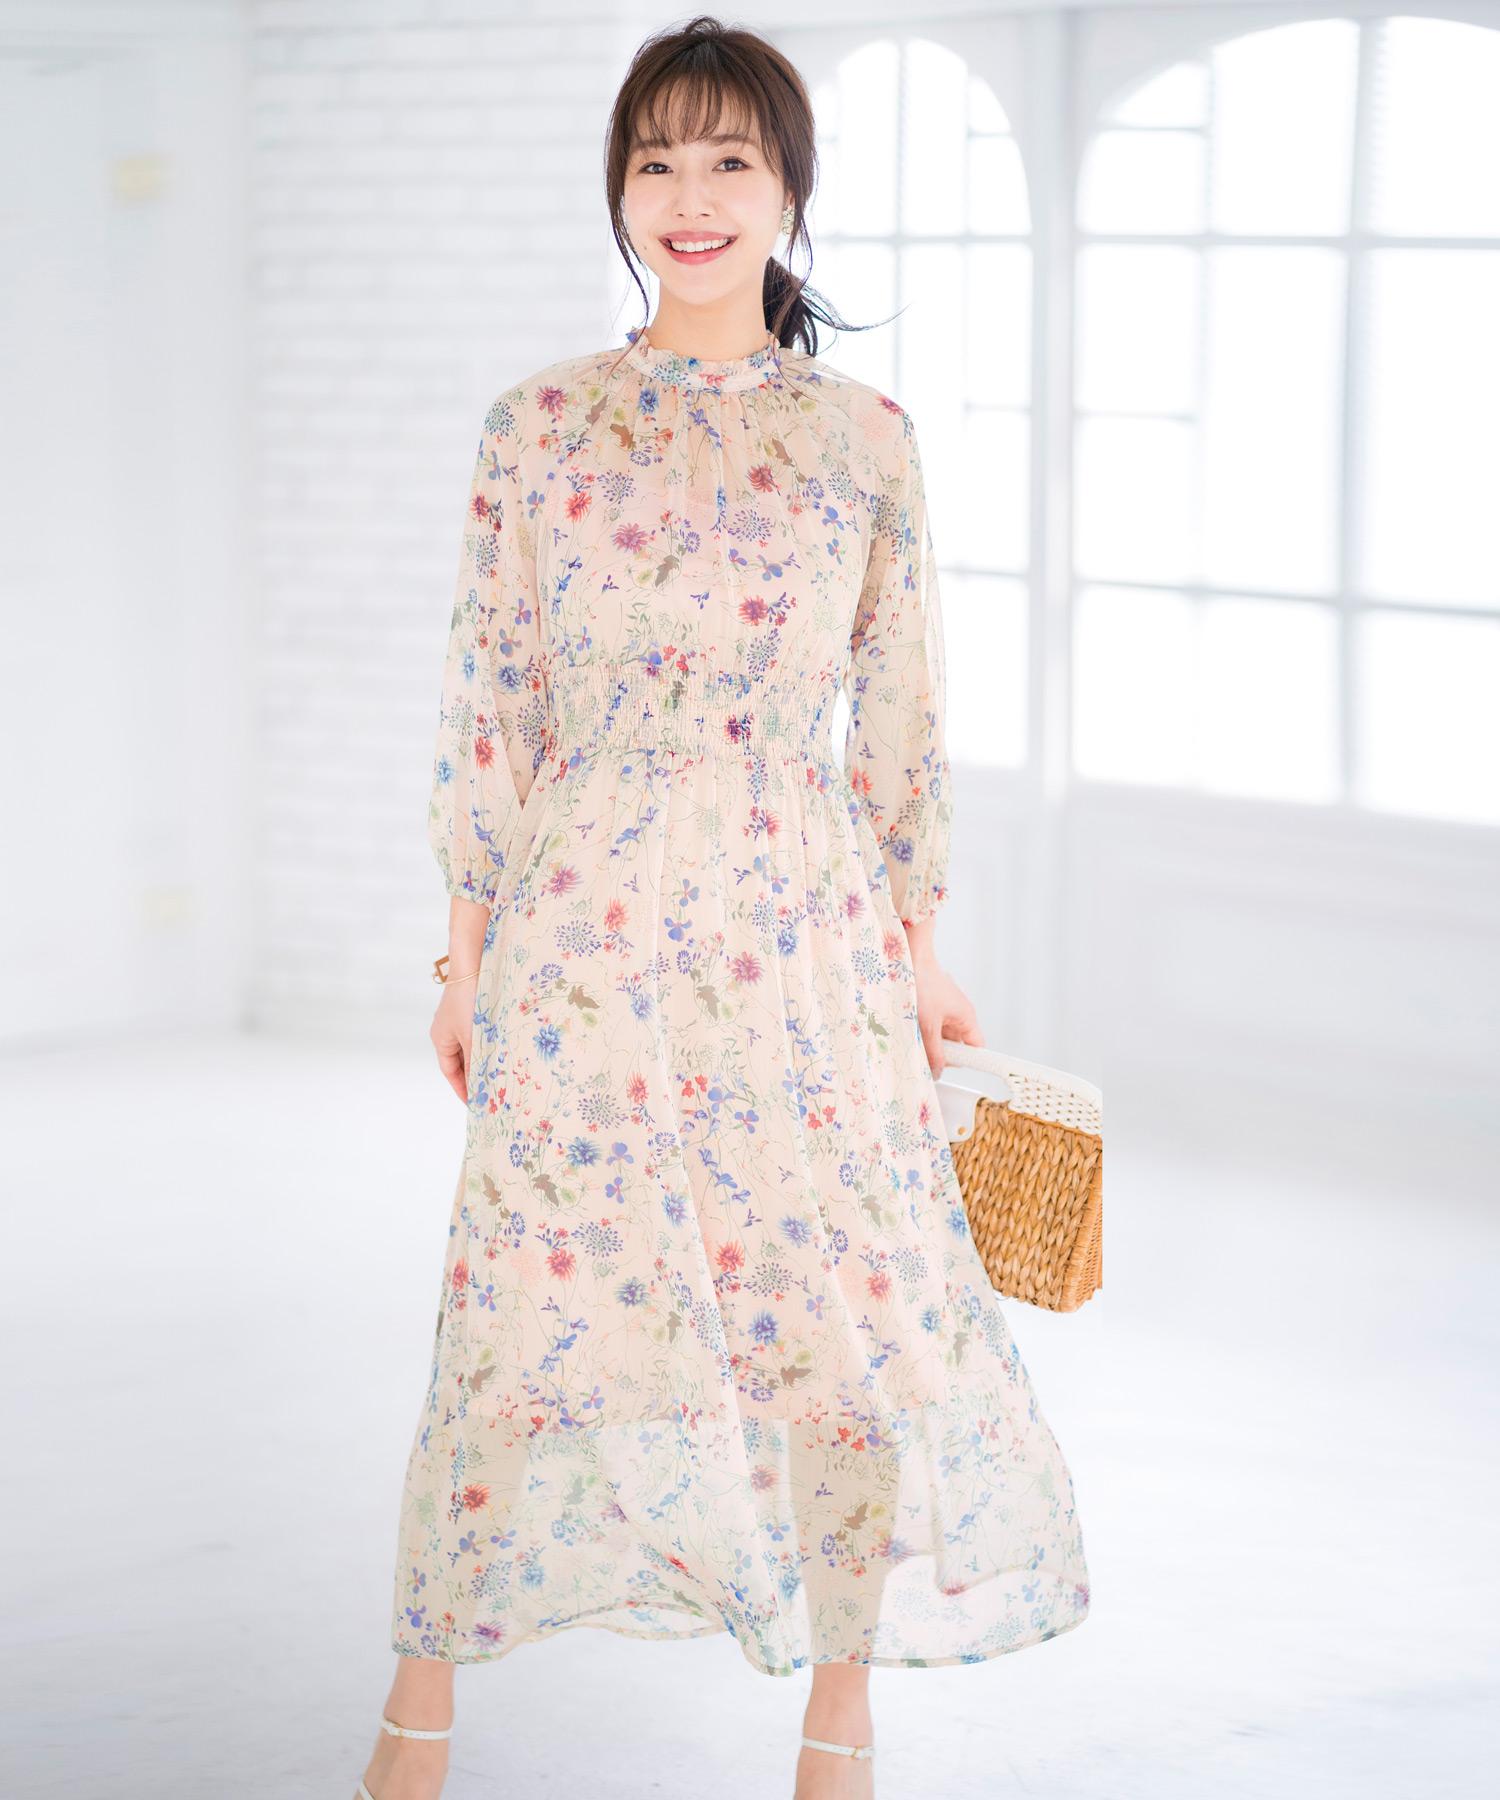 透け感ある楊柳シフォンに華やかな花柄が映えるレディワンピ